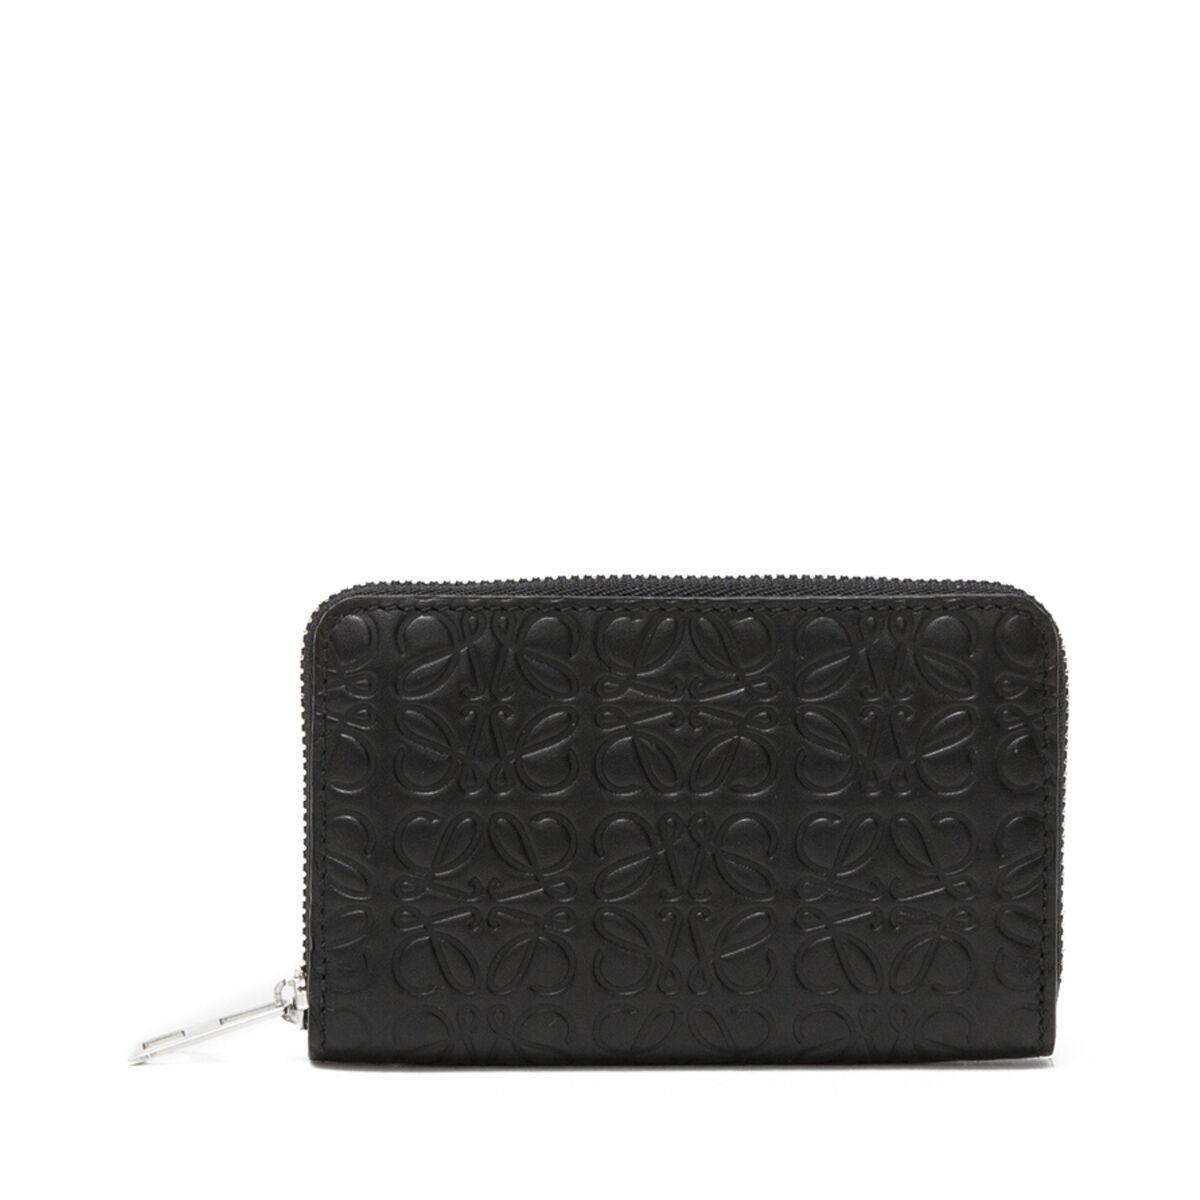 LOEWE Zip Card Holder Black front